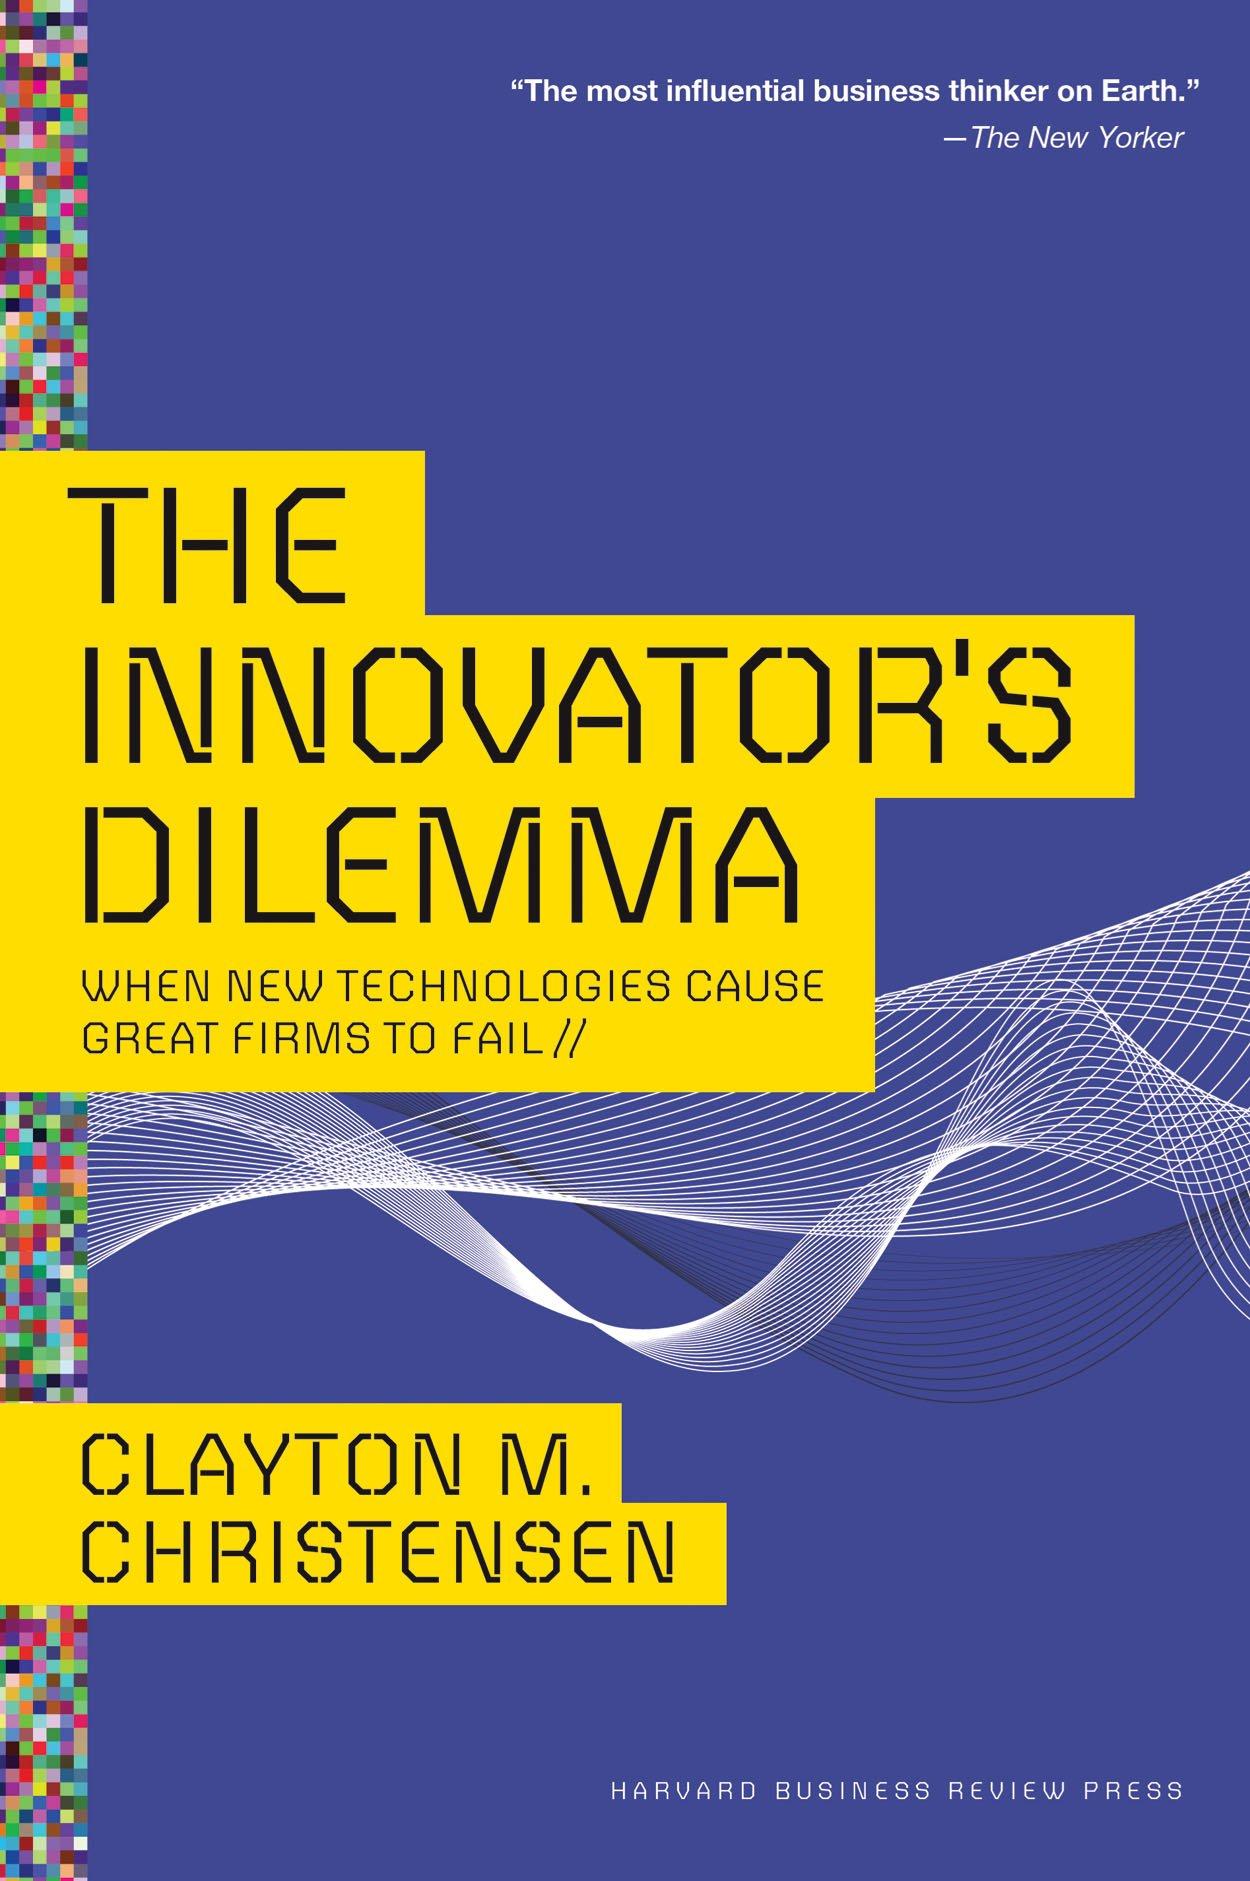 Innovators dilemma